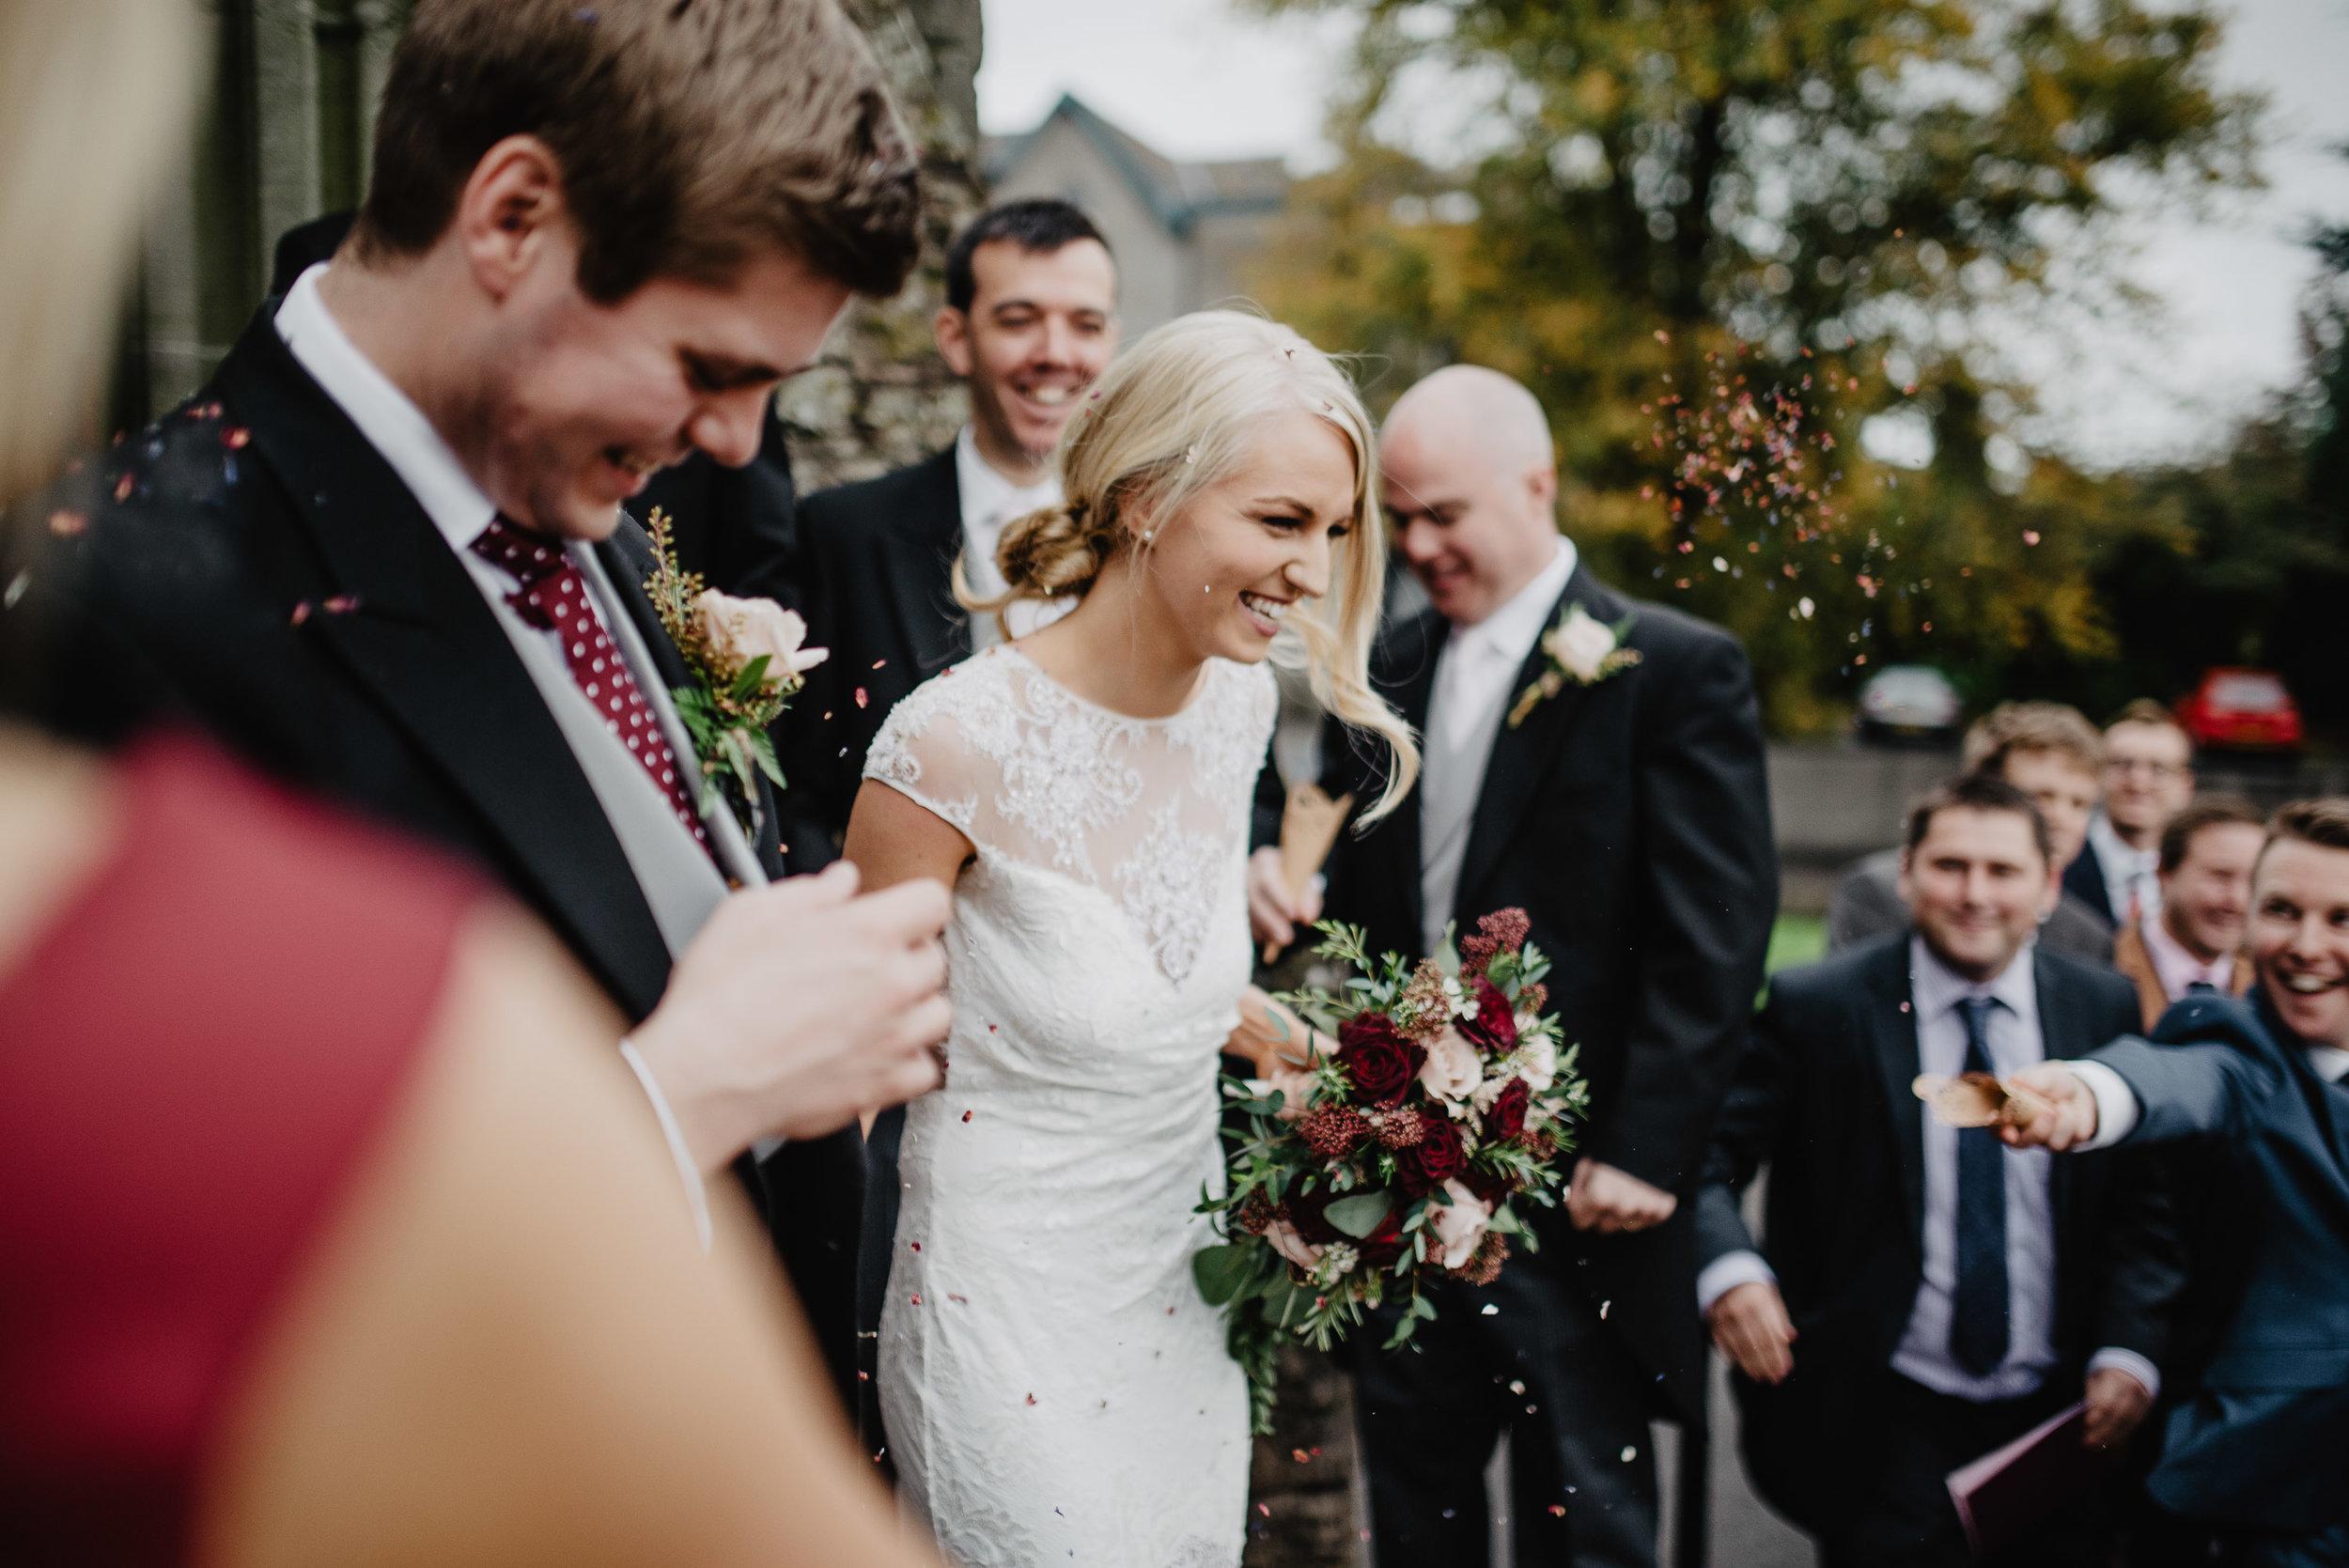 larchfield estate wedding photos-79.jpg